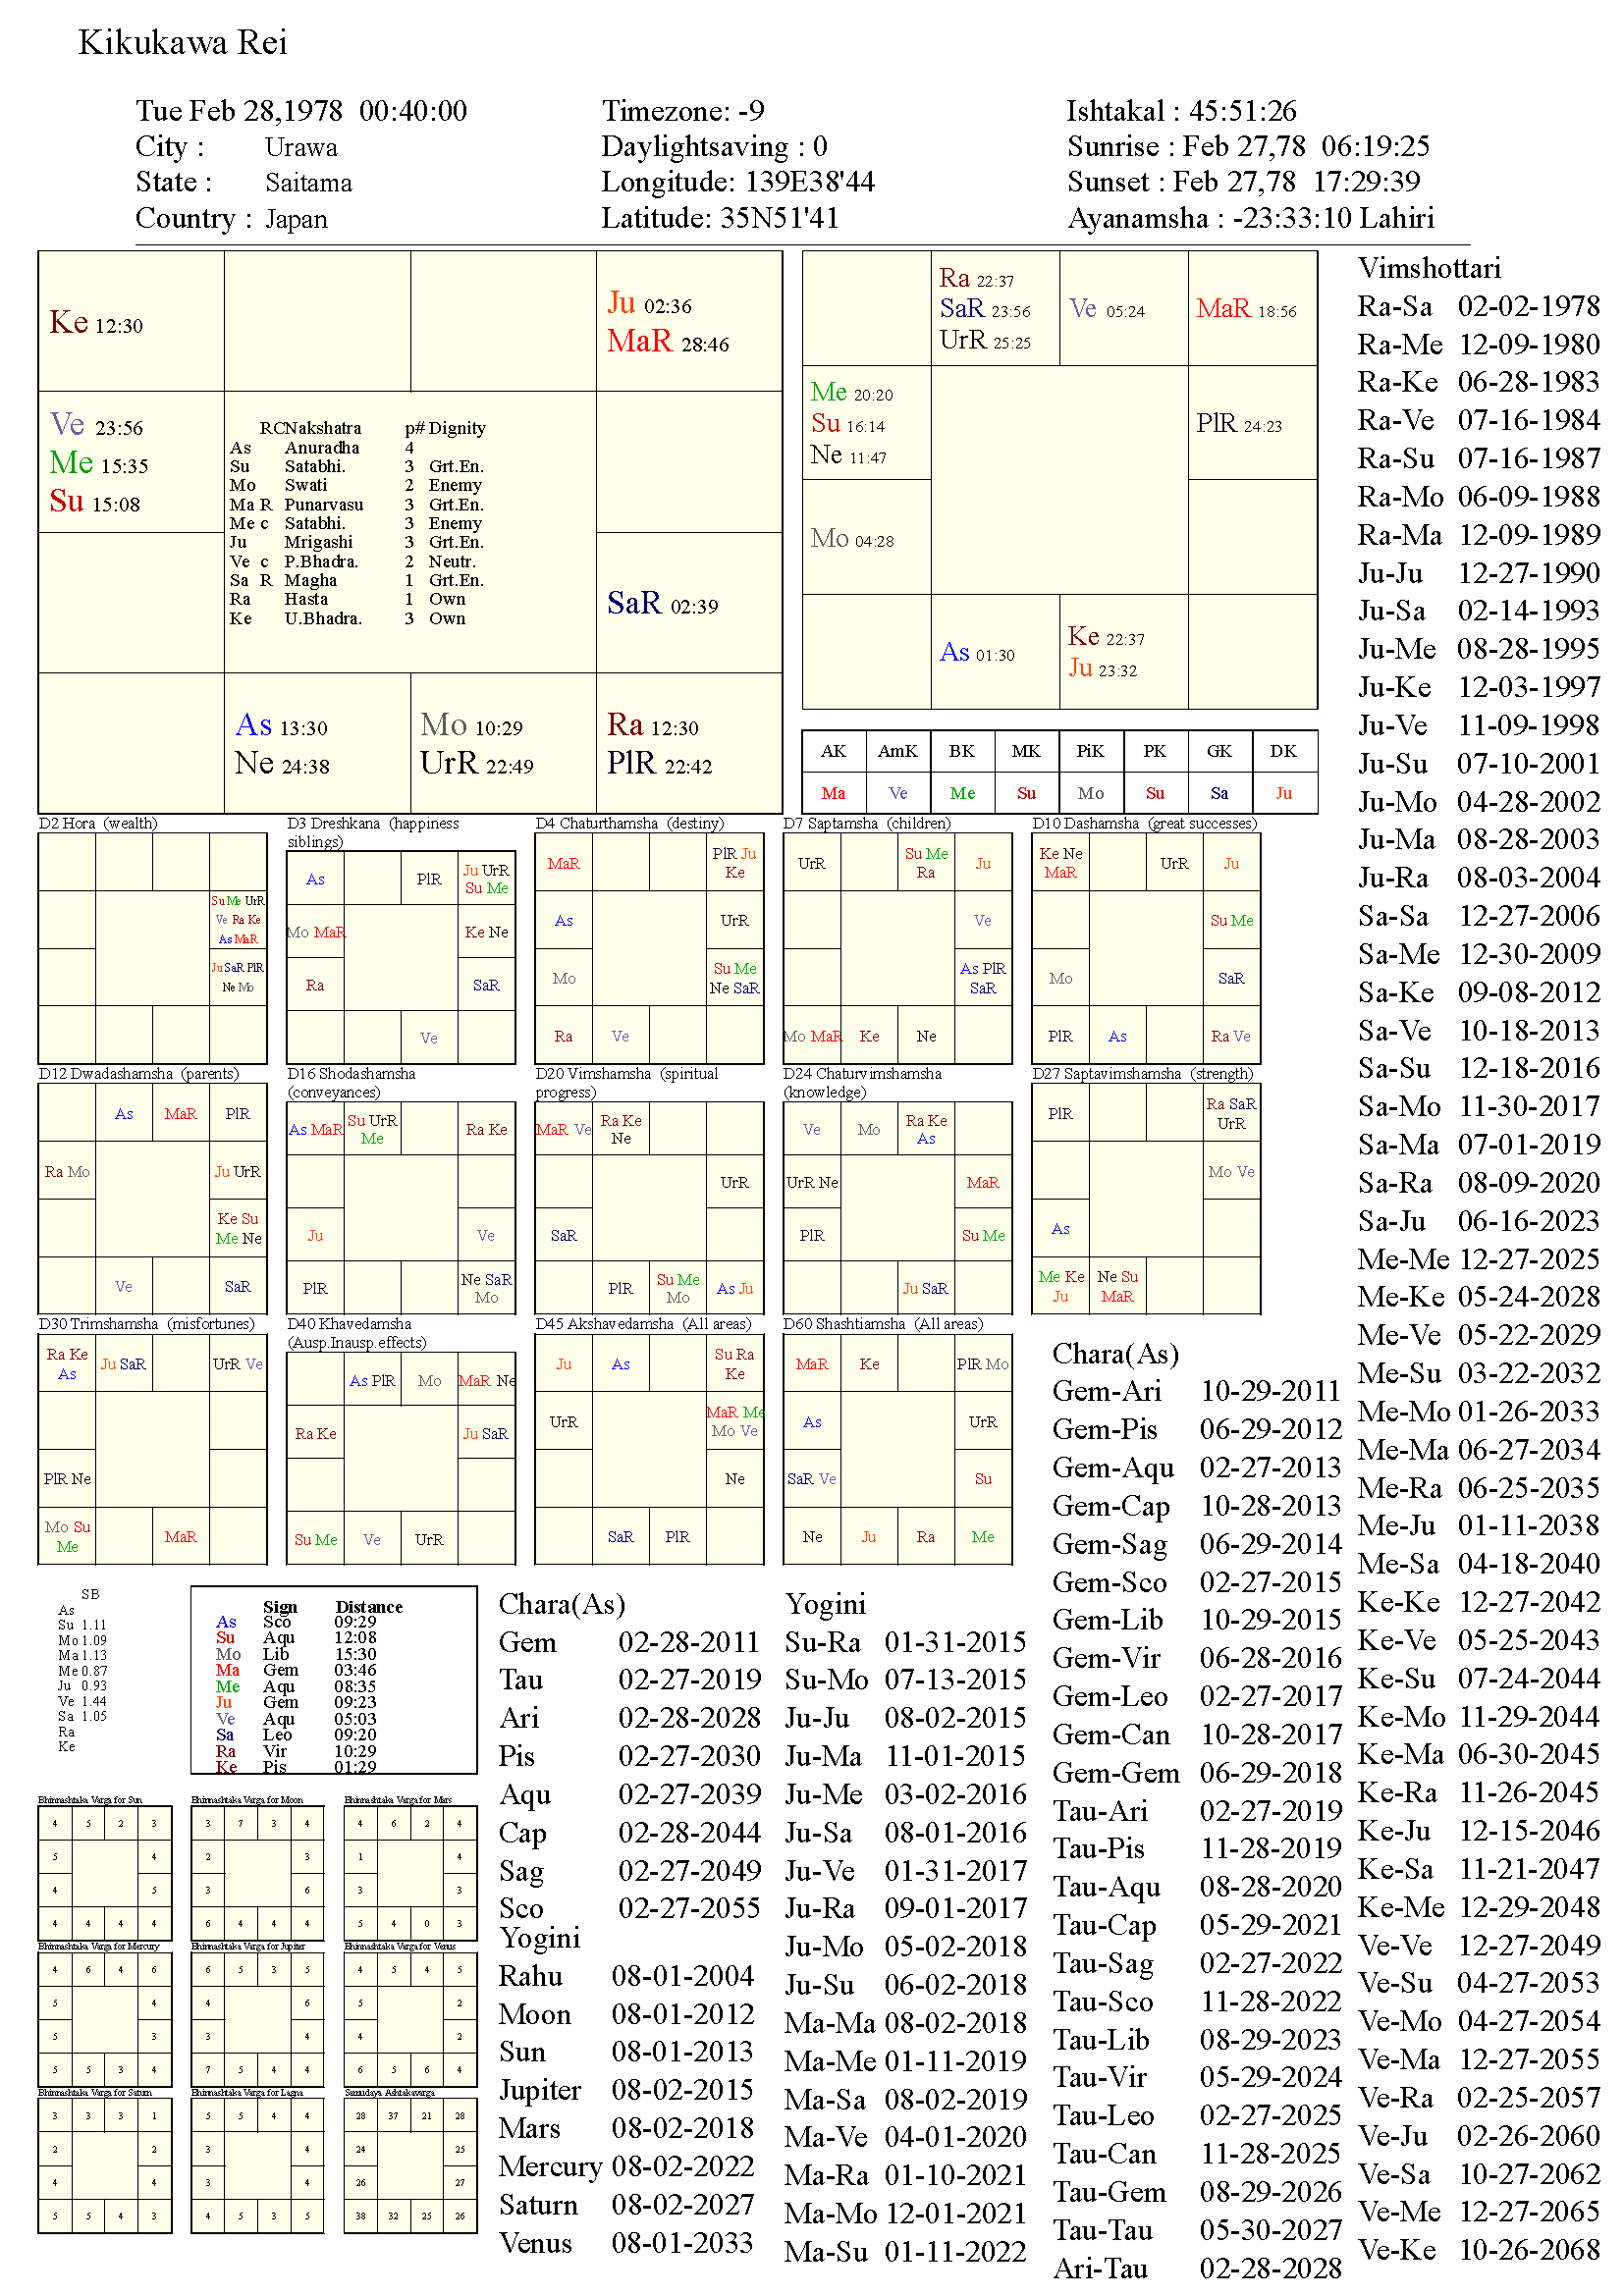 KikukawaRei_chart